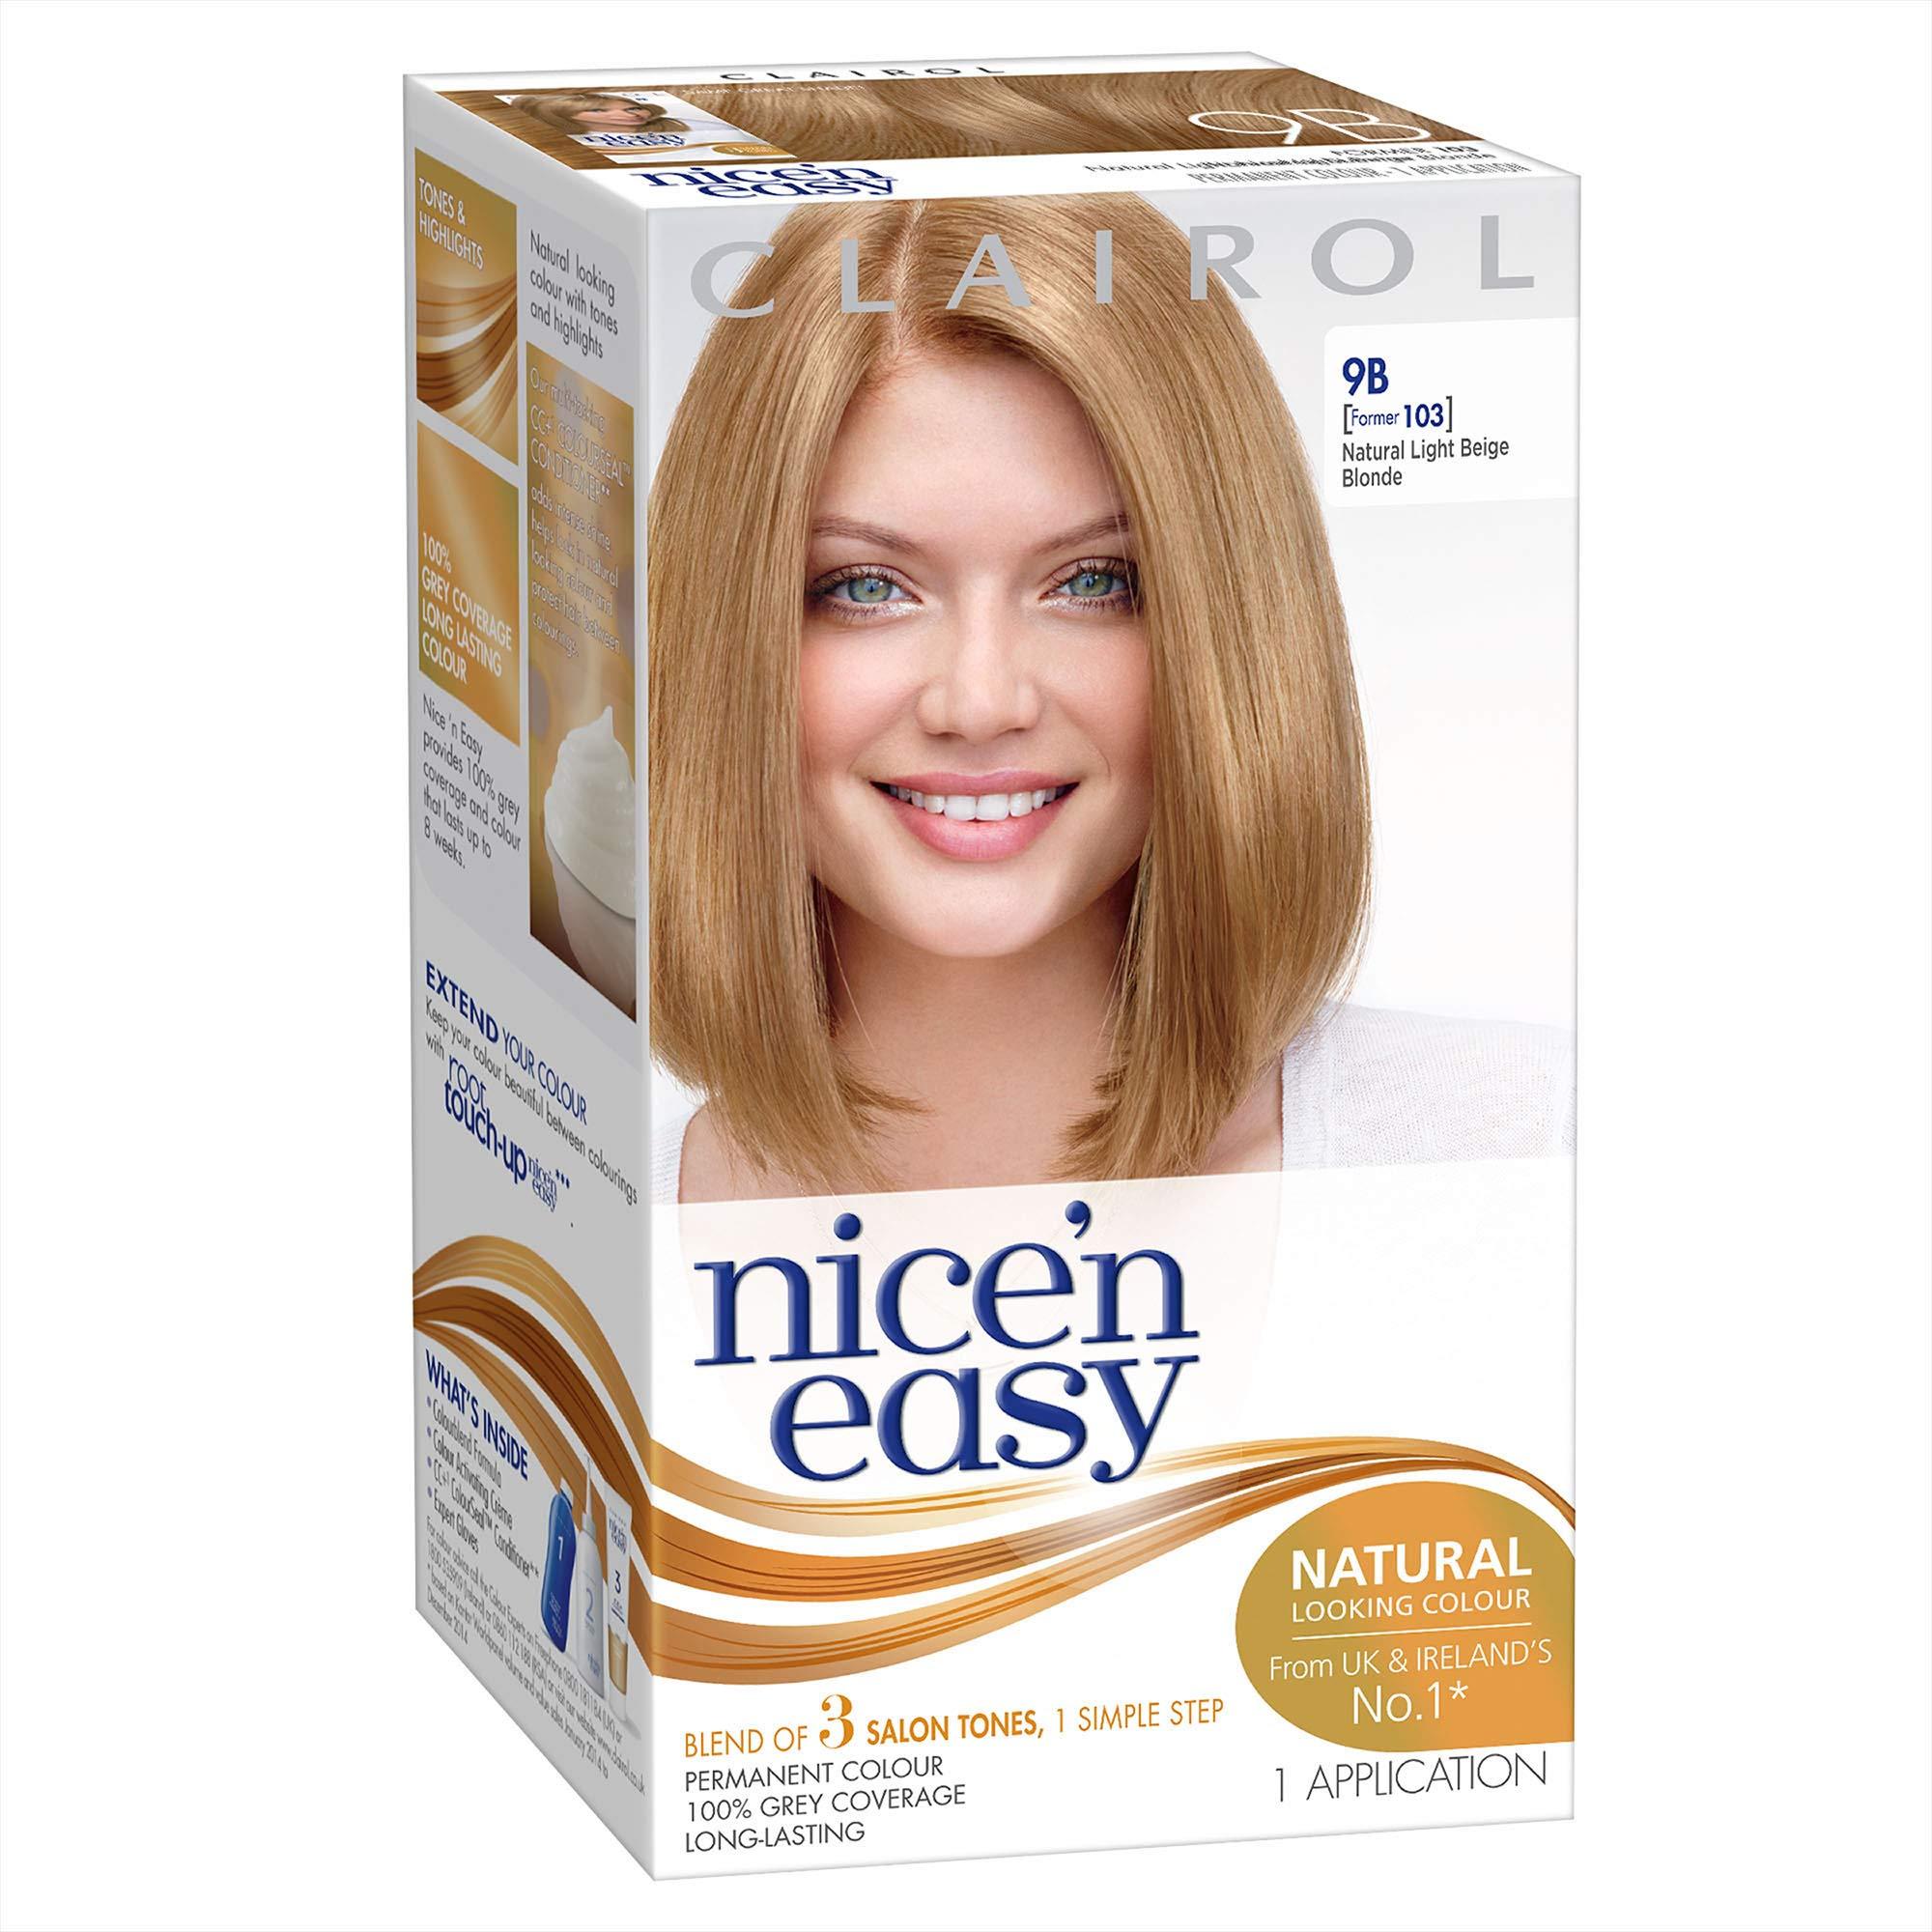 Clairol Nice'n Easy Liquid, Natural Looking Permanent Hair Dye, 9B Natural Light Beige Blonde (ORIGINAL)